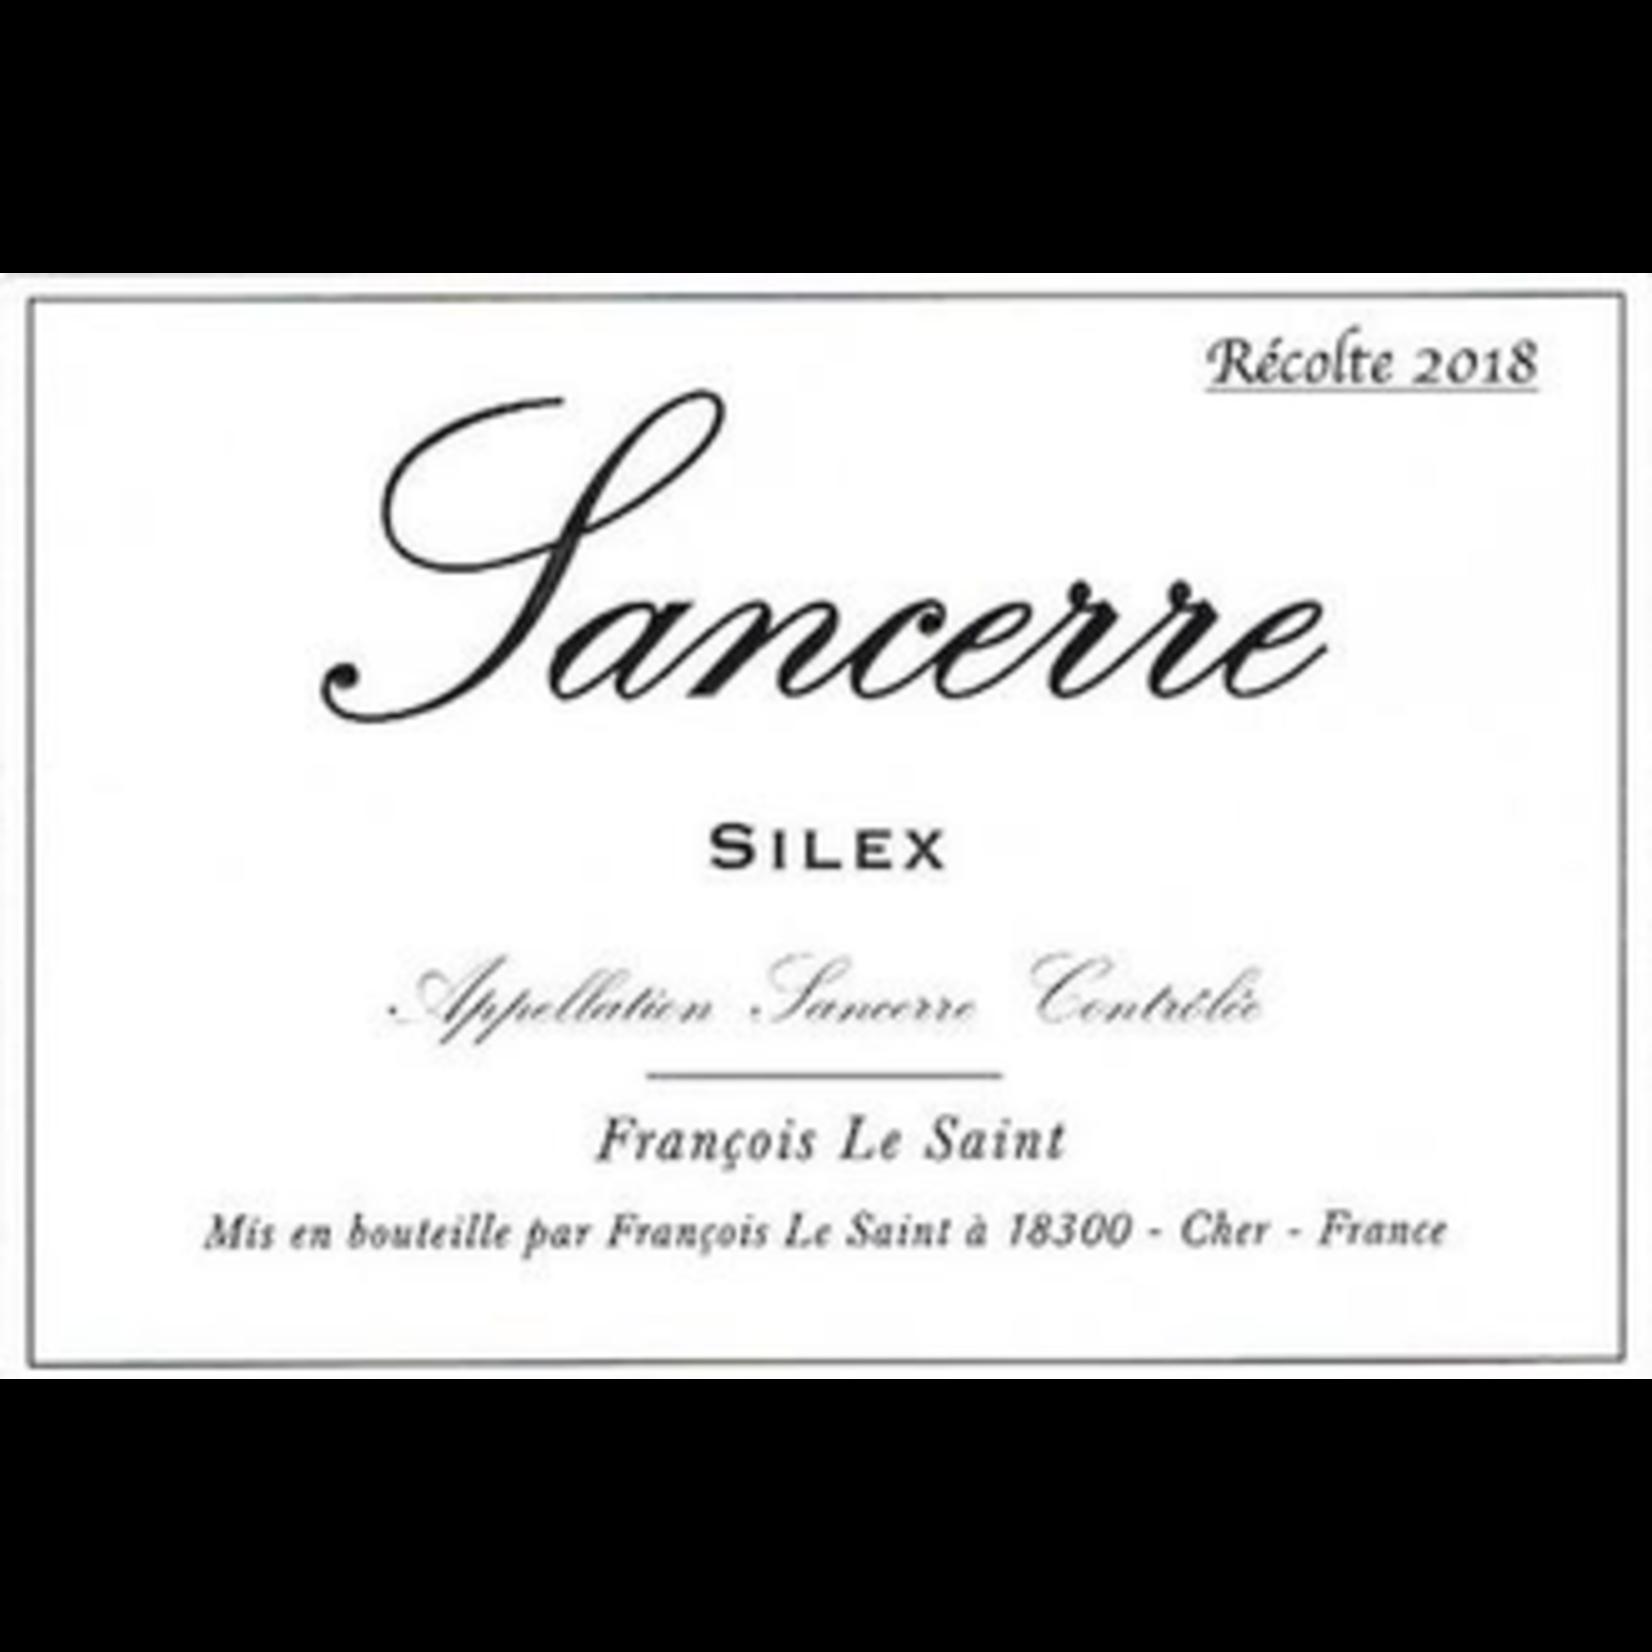 Wine Francois Le Saint Sancerre Silex 2019